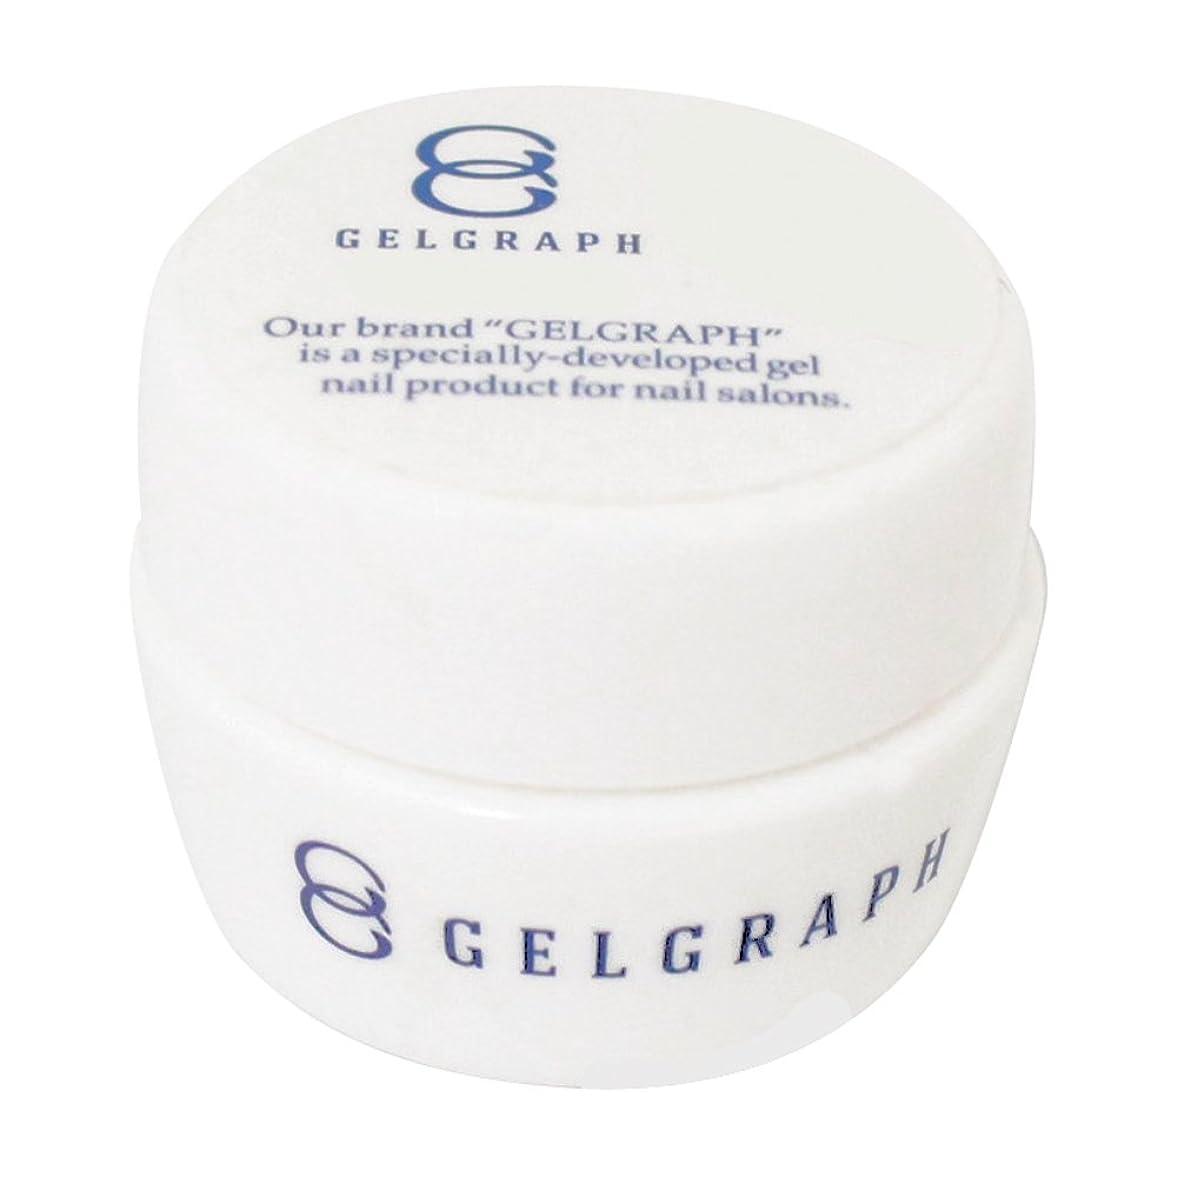 冷淡なフォーマット誘導GELGRAPH カラージェル 150M ノワール ショコラ 5g UV/LED対応 ソークオフジェル